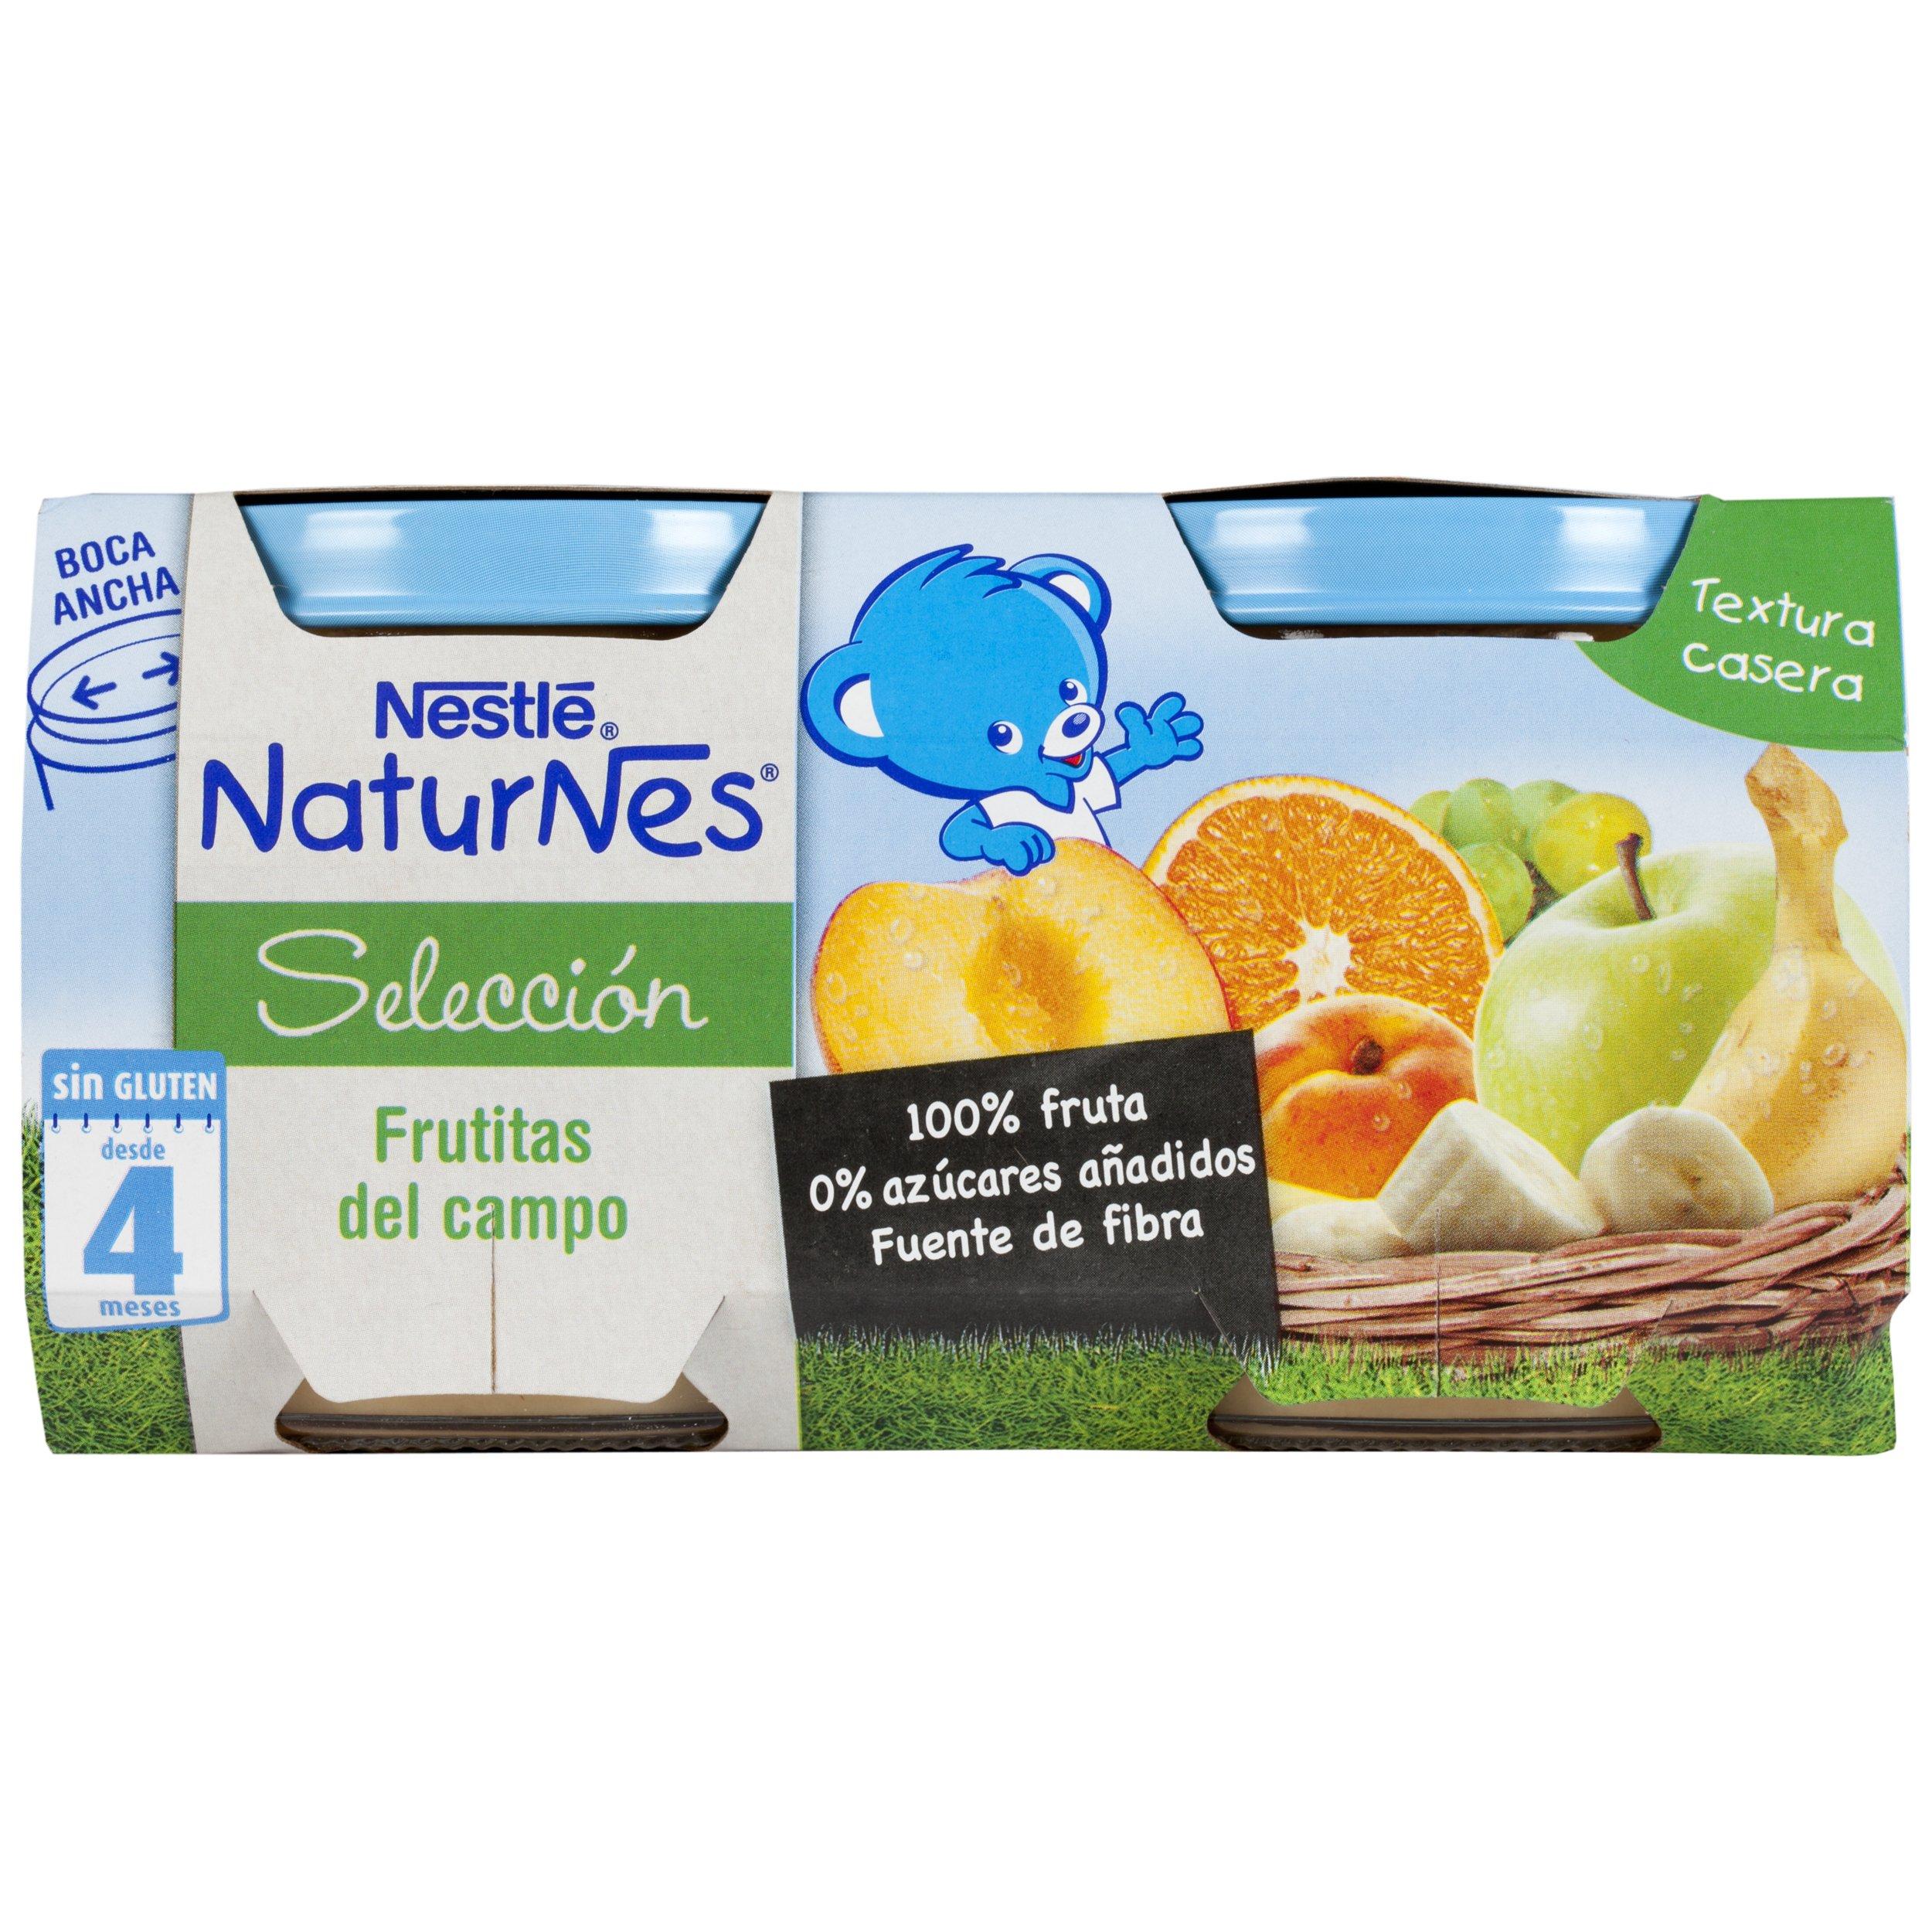 Nestlé Naturnes - Alimento Infantil Puré de Frutas - Paquete de 2 x 200 g - Total: 400 g - [Pack de